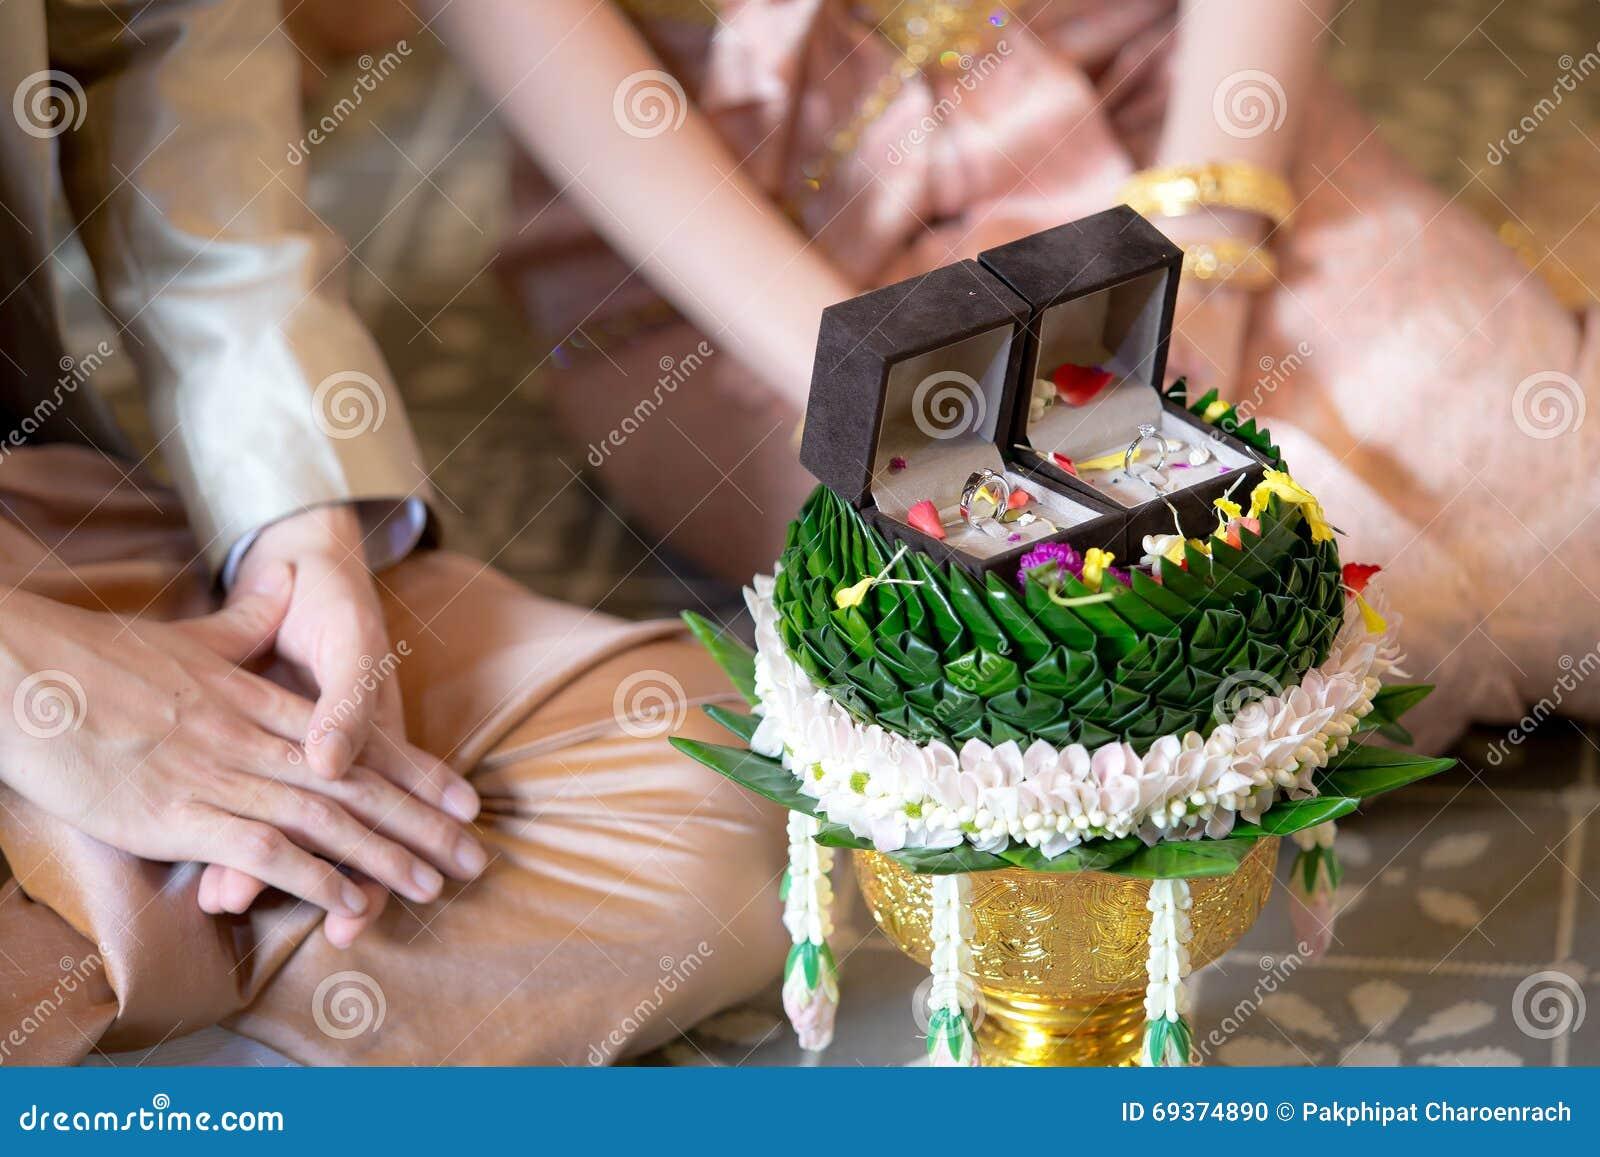 Δαχτυλίδια αρραβώνων και γάμου/παραδοσιακός ταϊλανδικός γάμος - (Selec